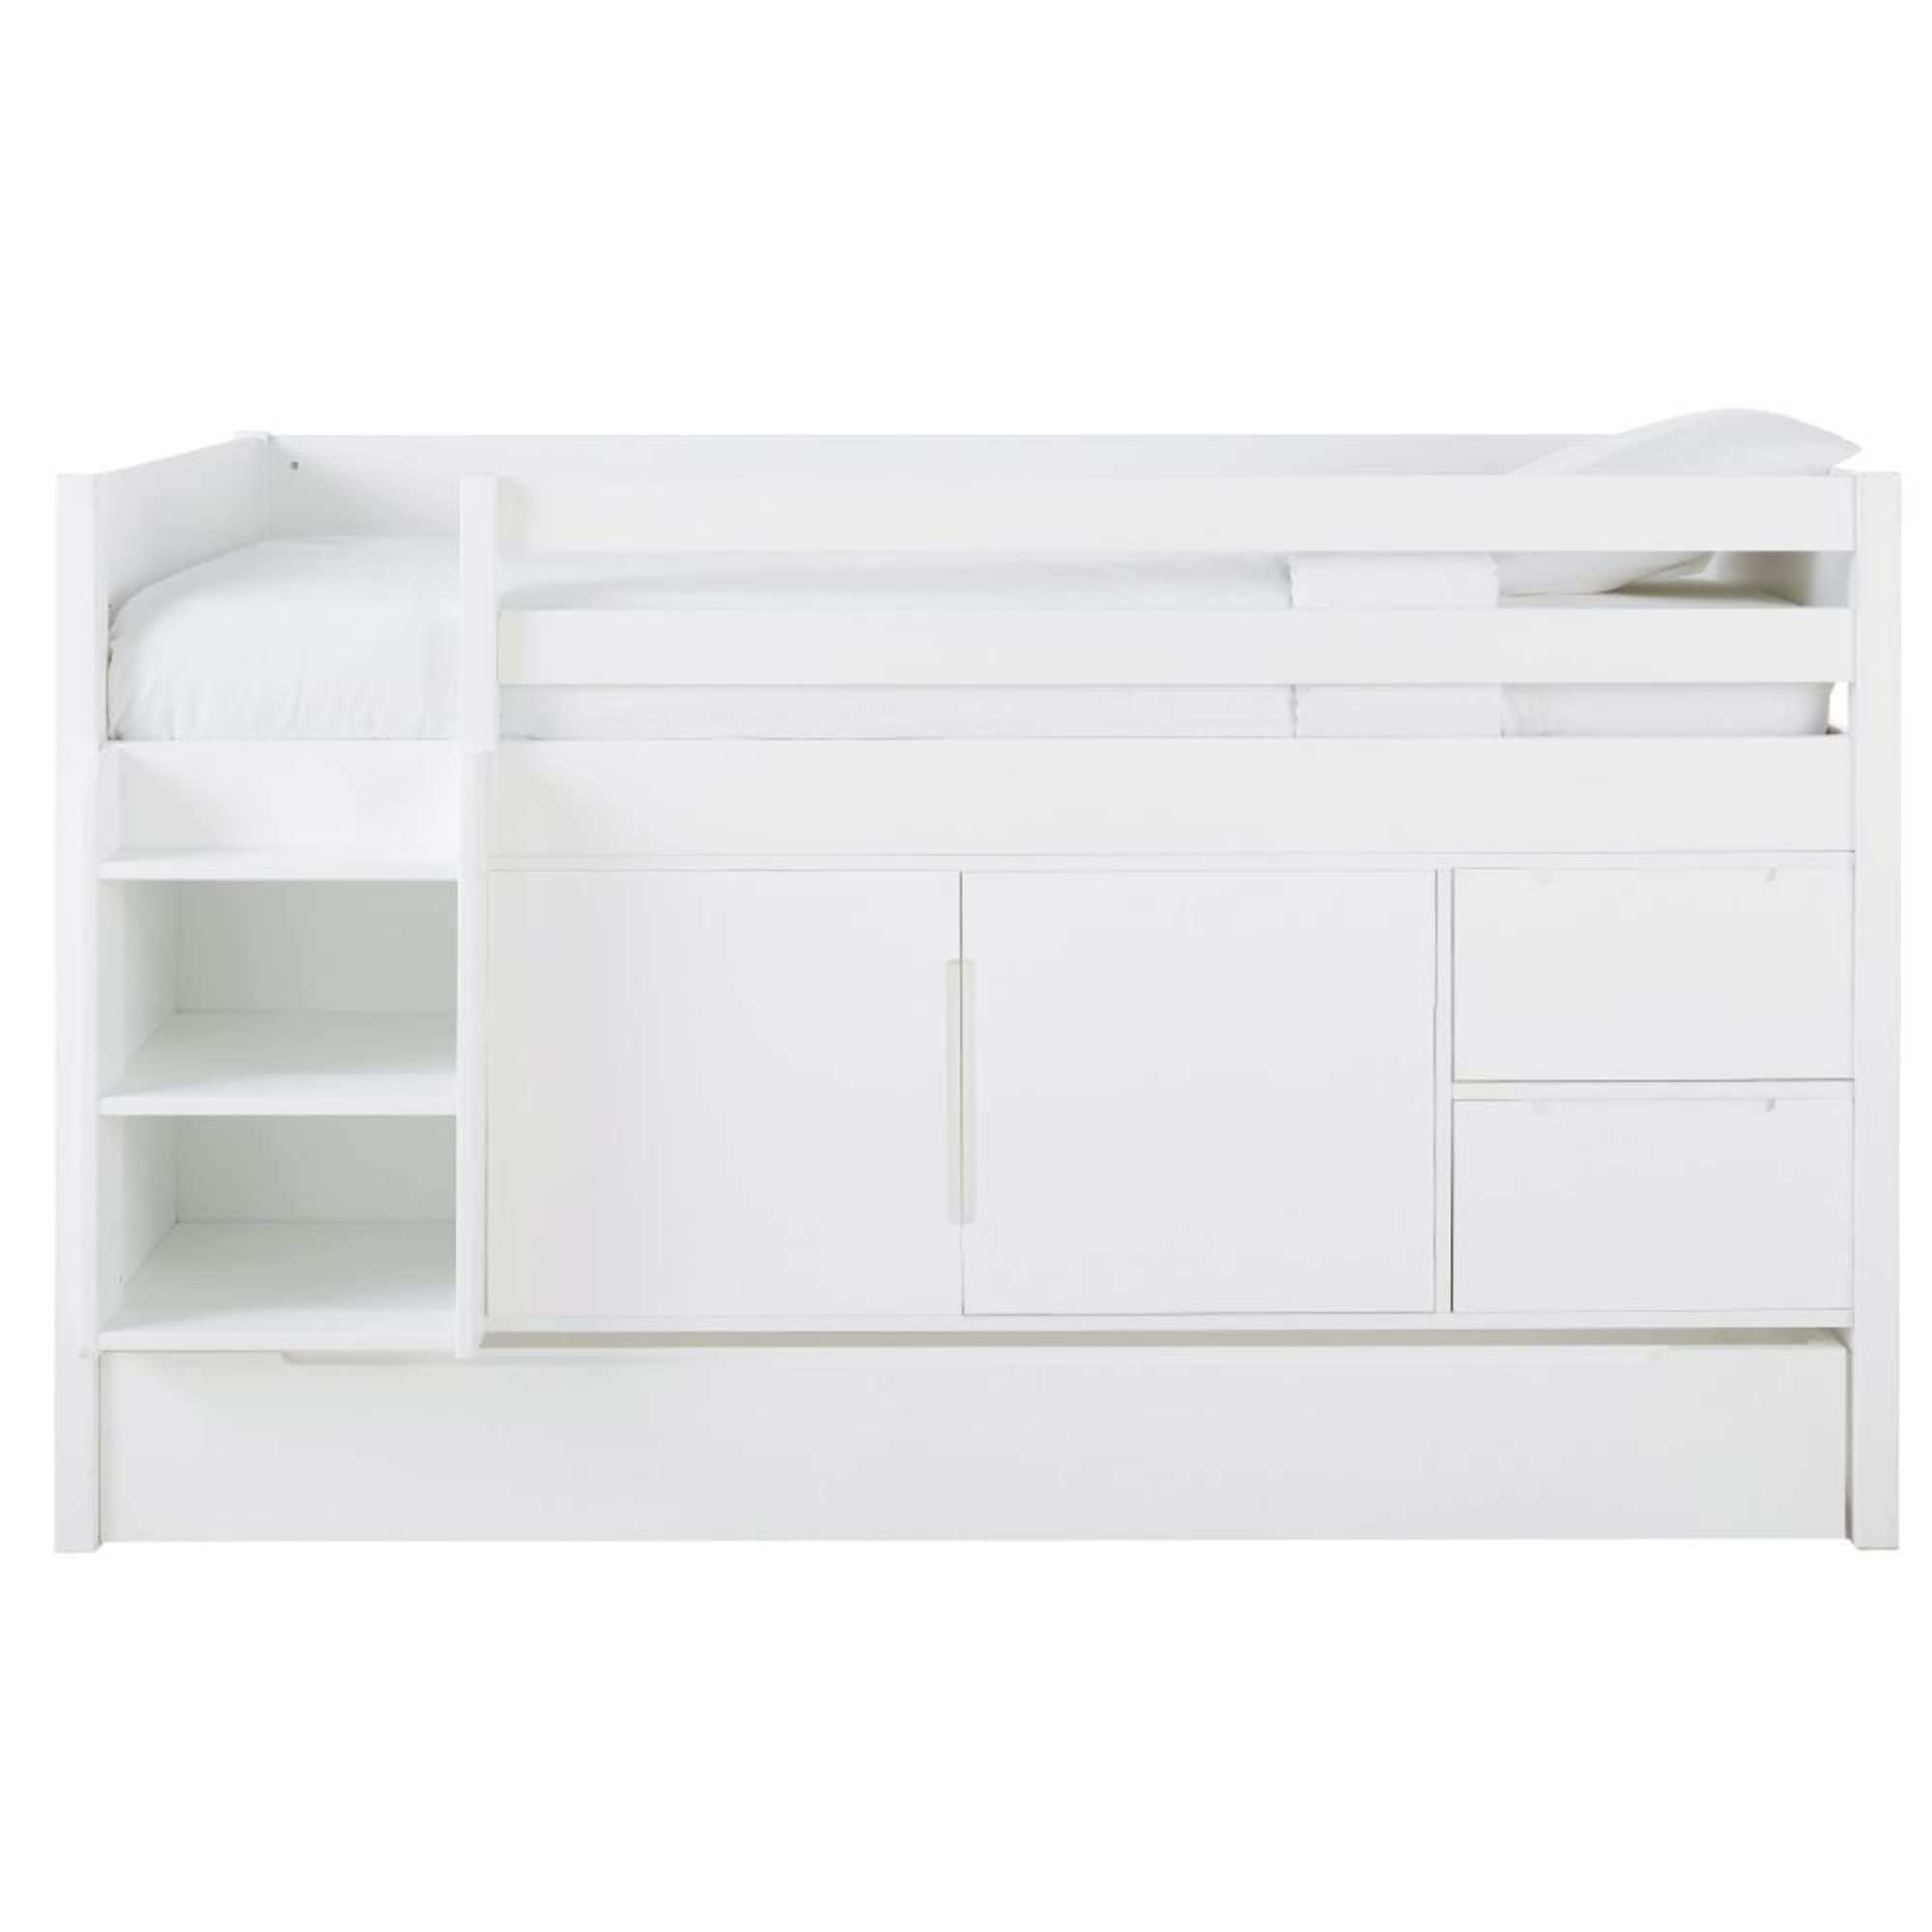 Lit Sureleve Combine 90x190 Blanc Maisons Du Monde En 2020 Maison Du Monde Espaces De Stockage Rangement Hauteur